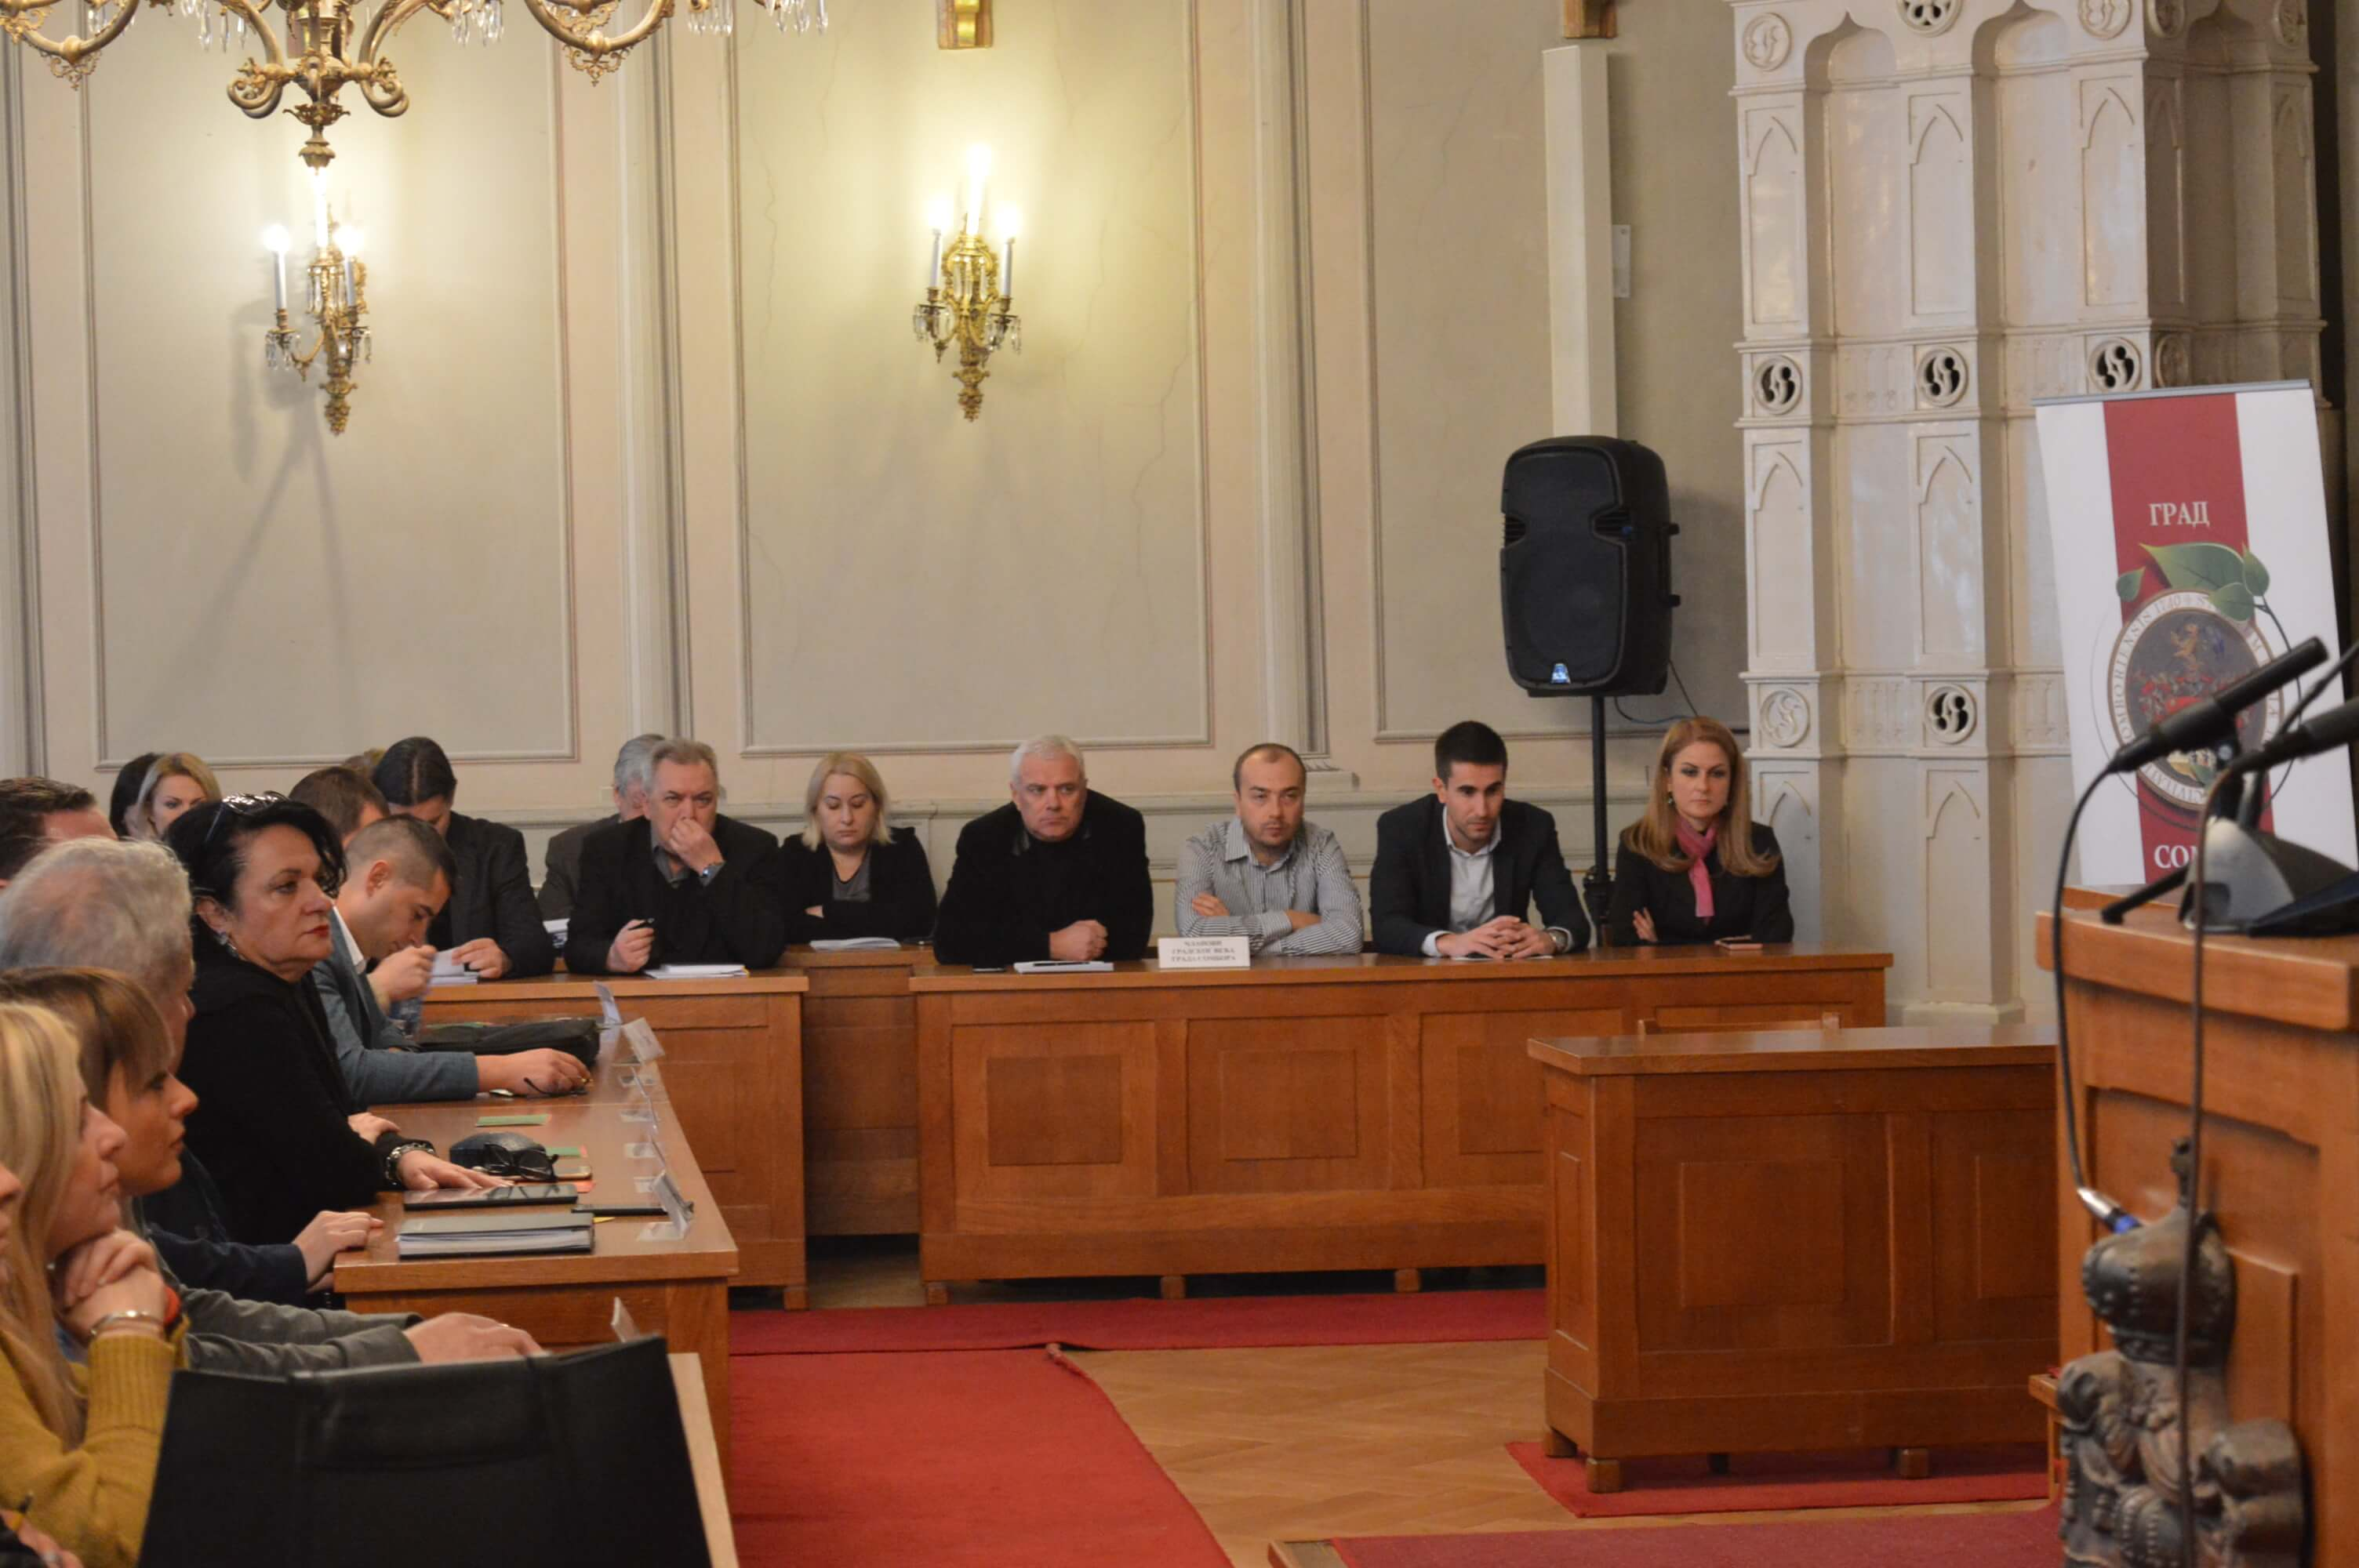 Градоначелница Сомбора Душанка Голубовић, заменик градоначелнице Антонио Ратковић и градски већници